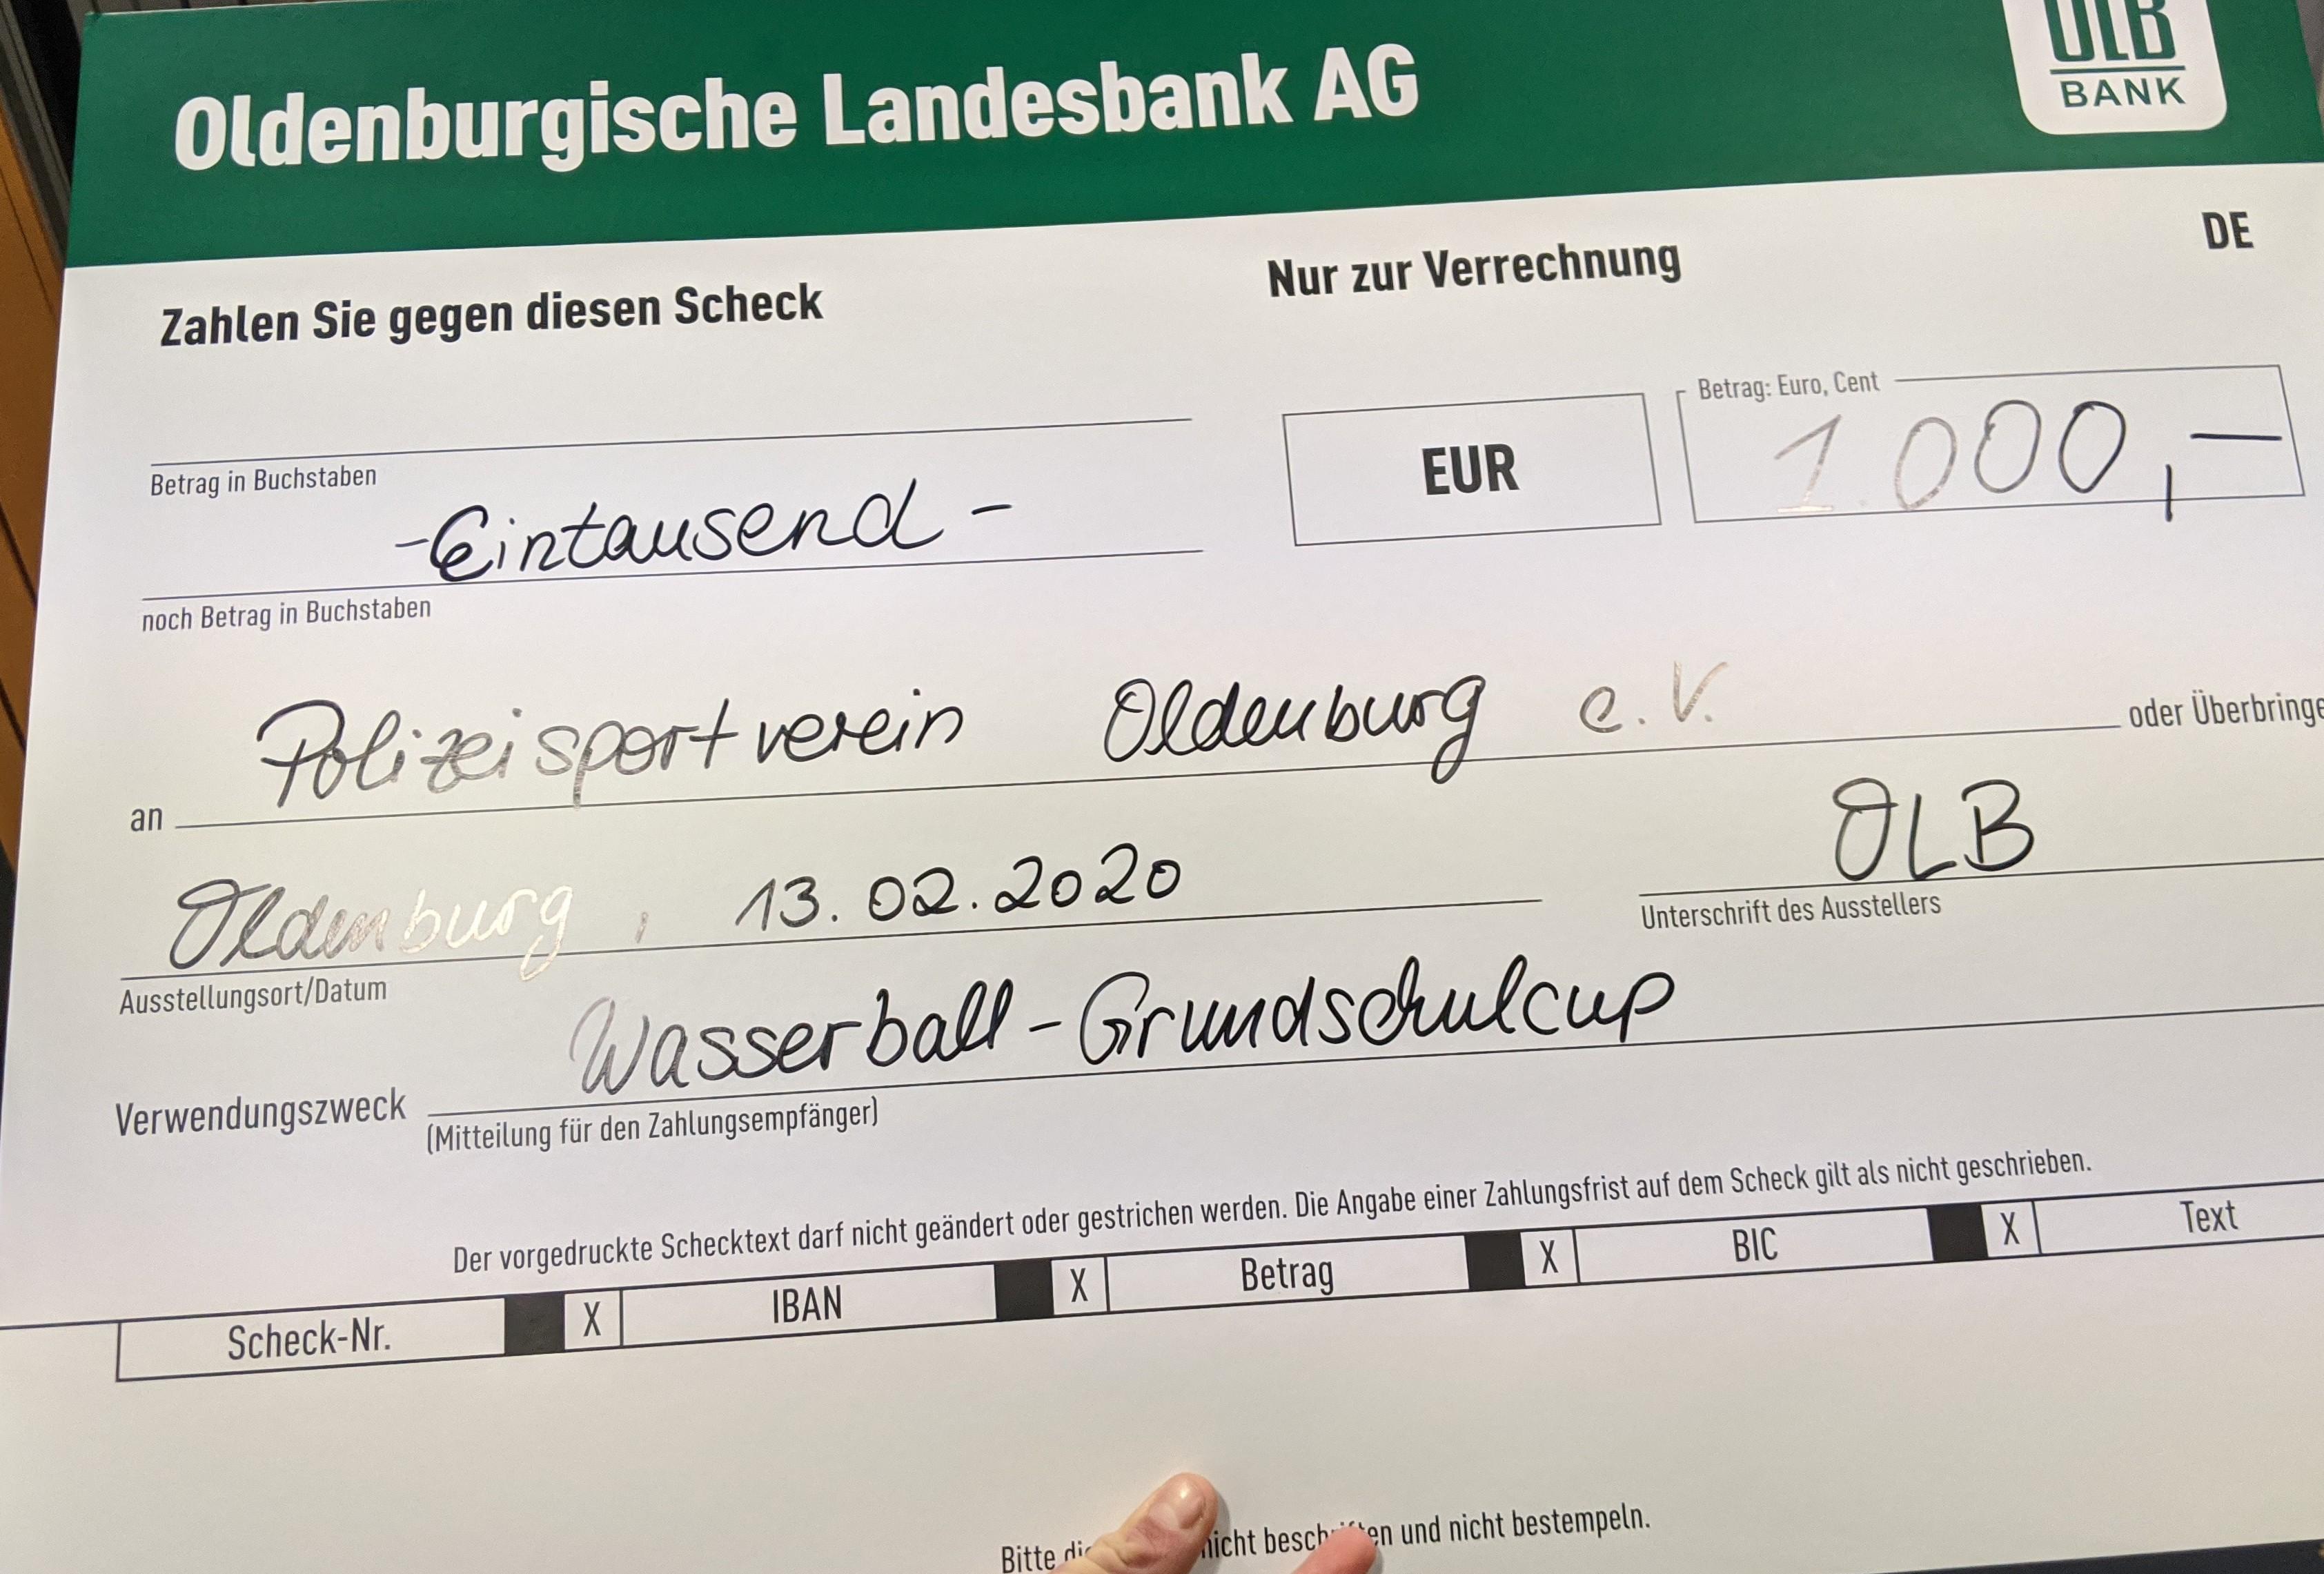 PSV Gewinnt 1000€ Für Den Grundschulcup